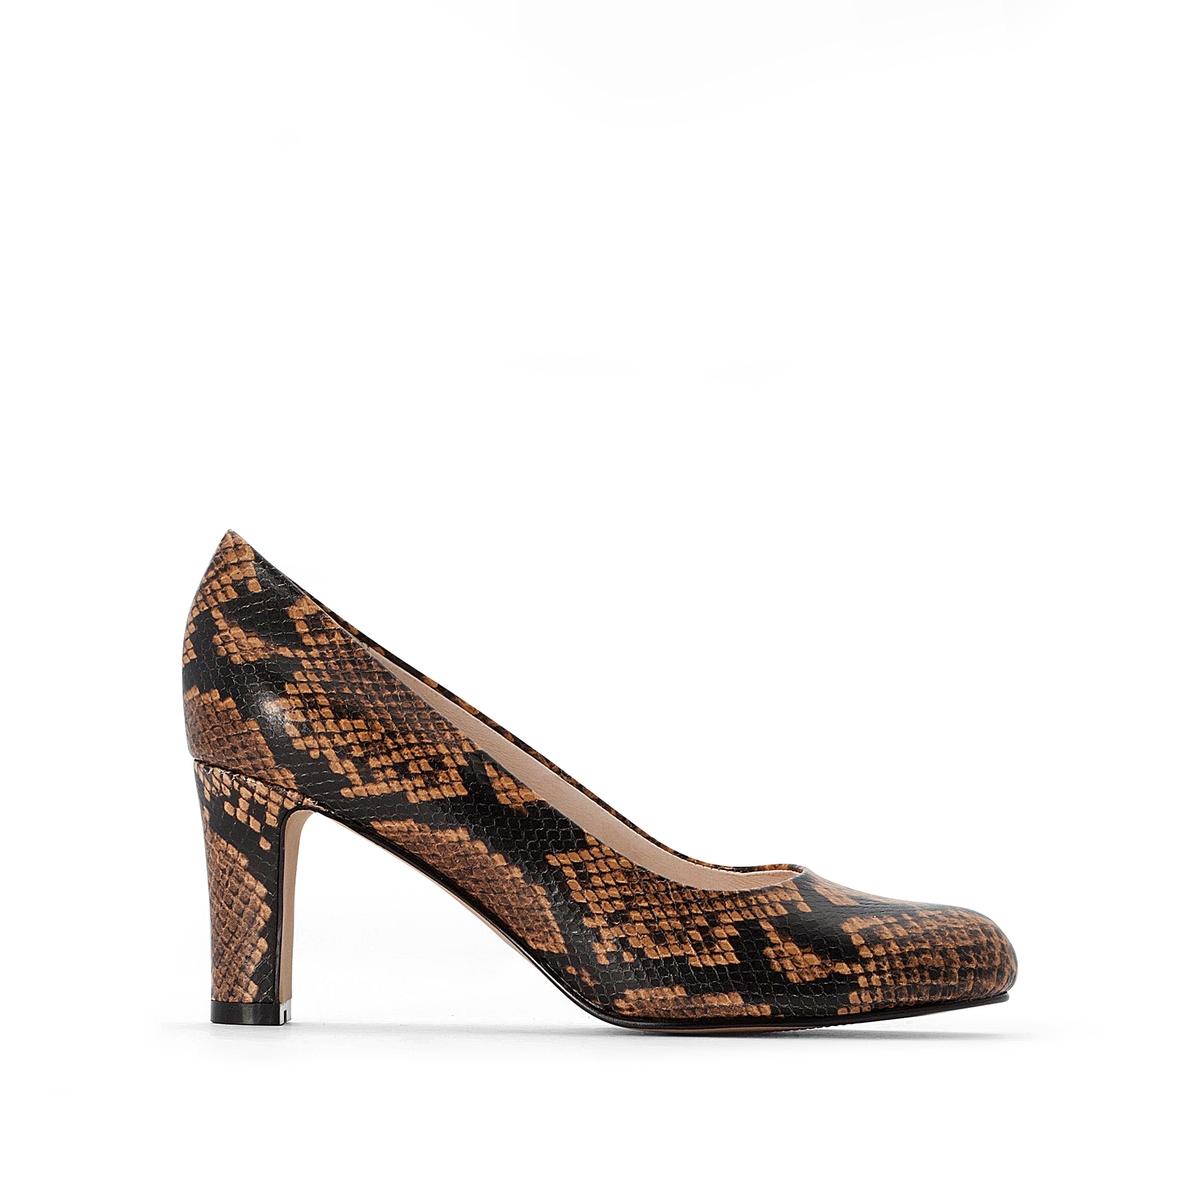 Туфли La Redoute На каблуке с питоновым принтом 35 бежевый туфли la redoute на среднем каблуке с питоновым принтом 36 каштановый